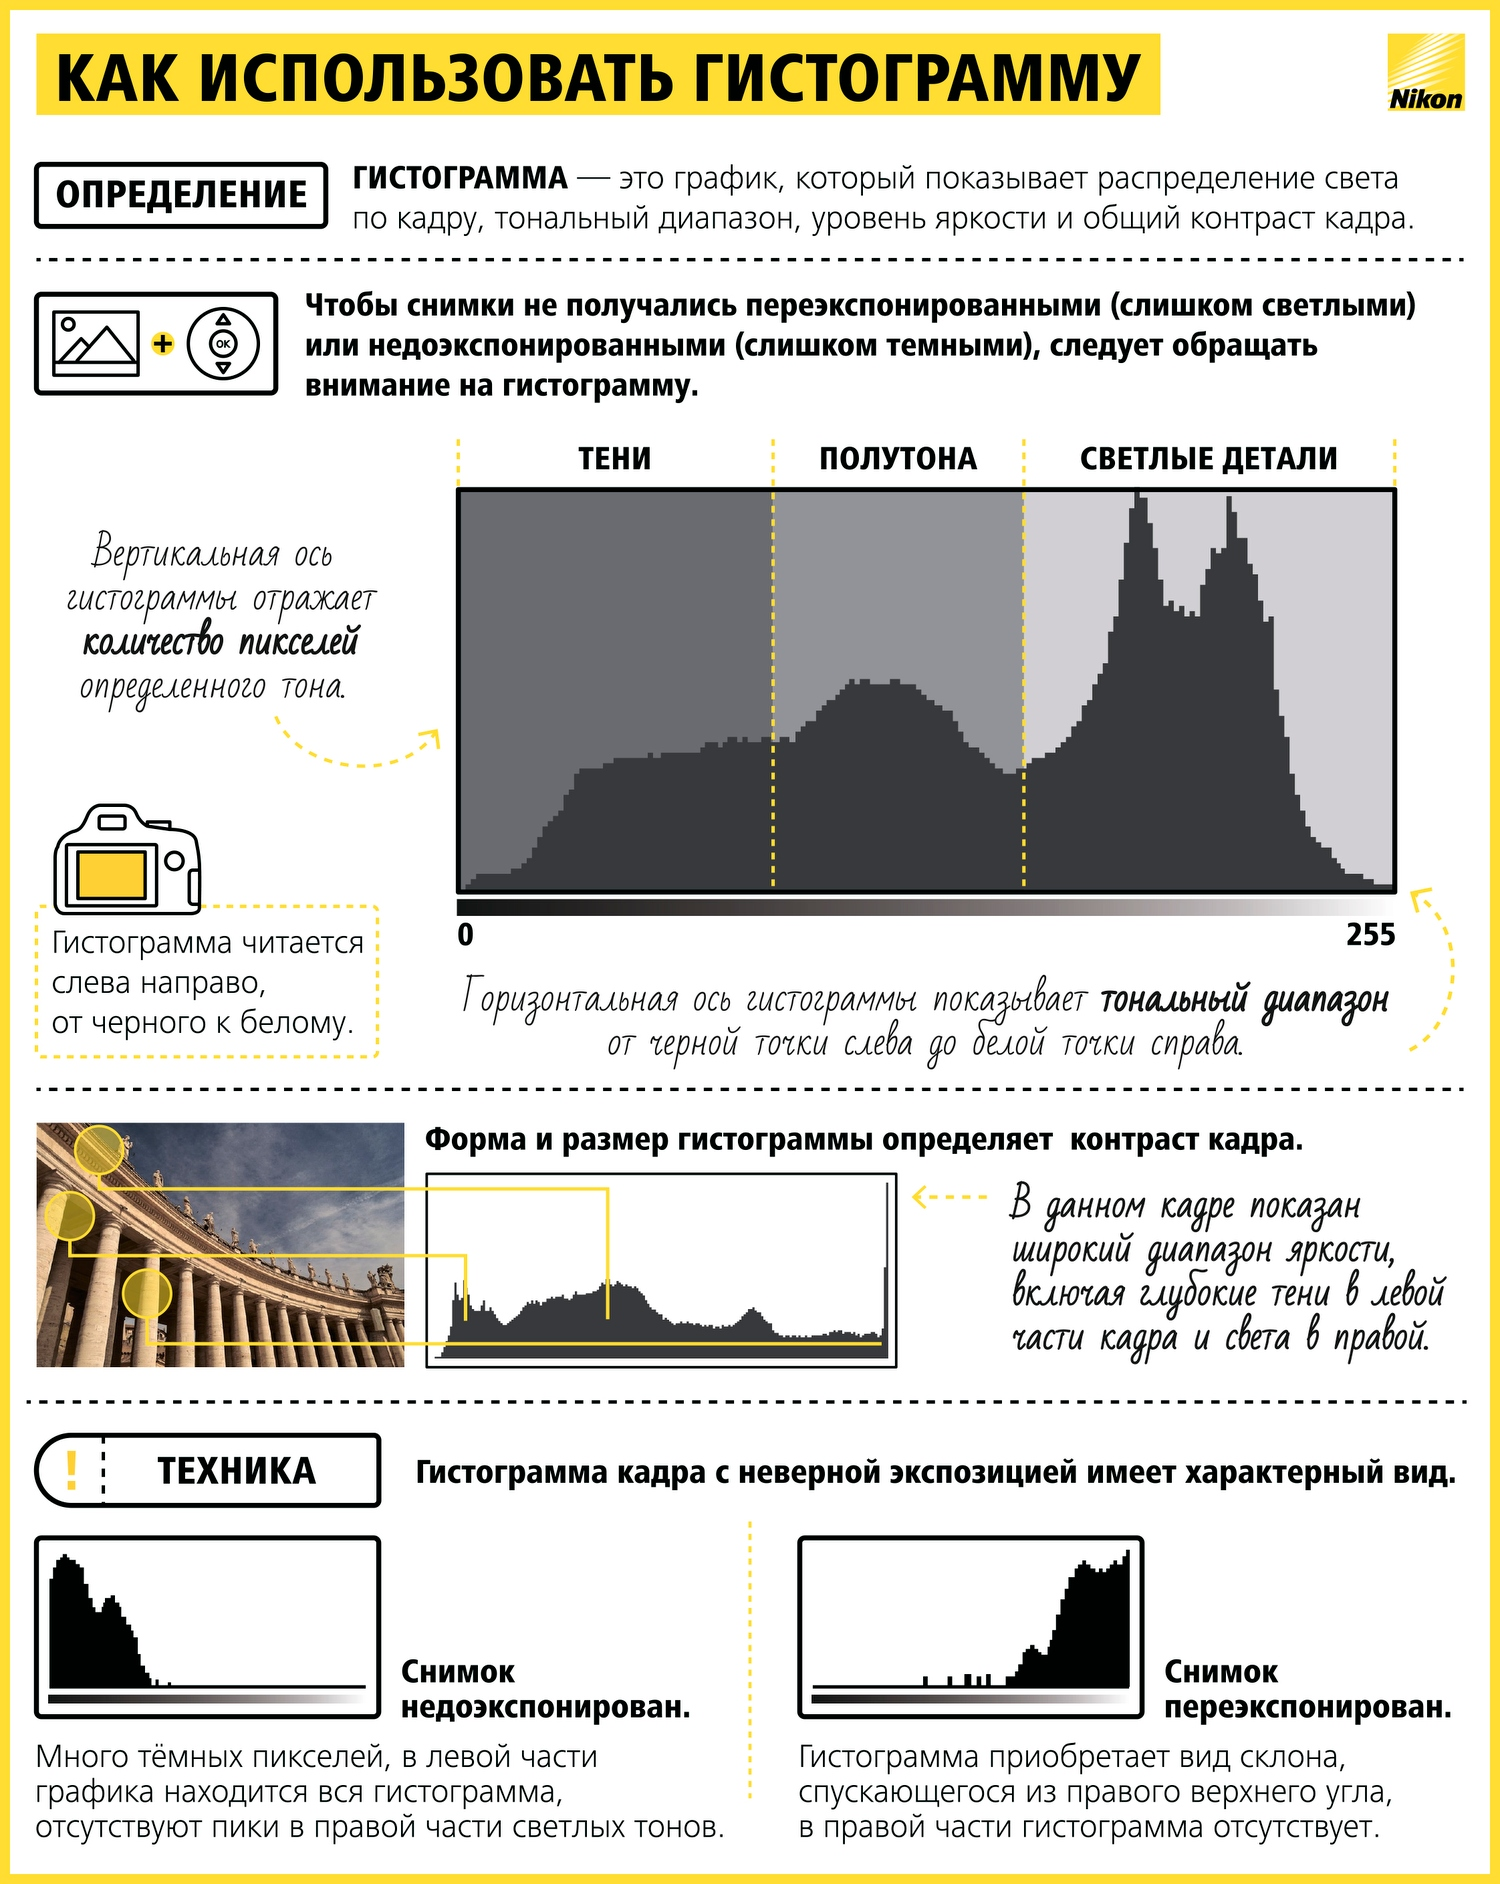 Как научиться фотографировать: пошаговая инструкция от Nikon Info_nikon_09